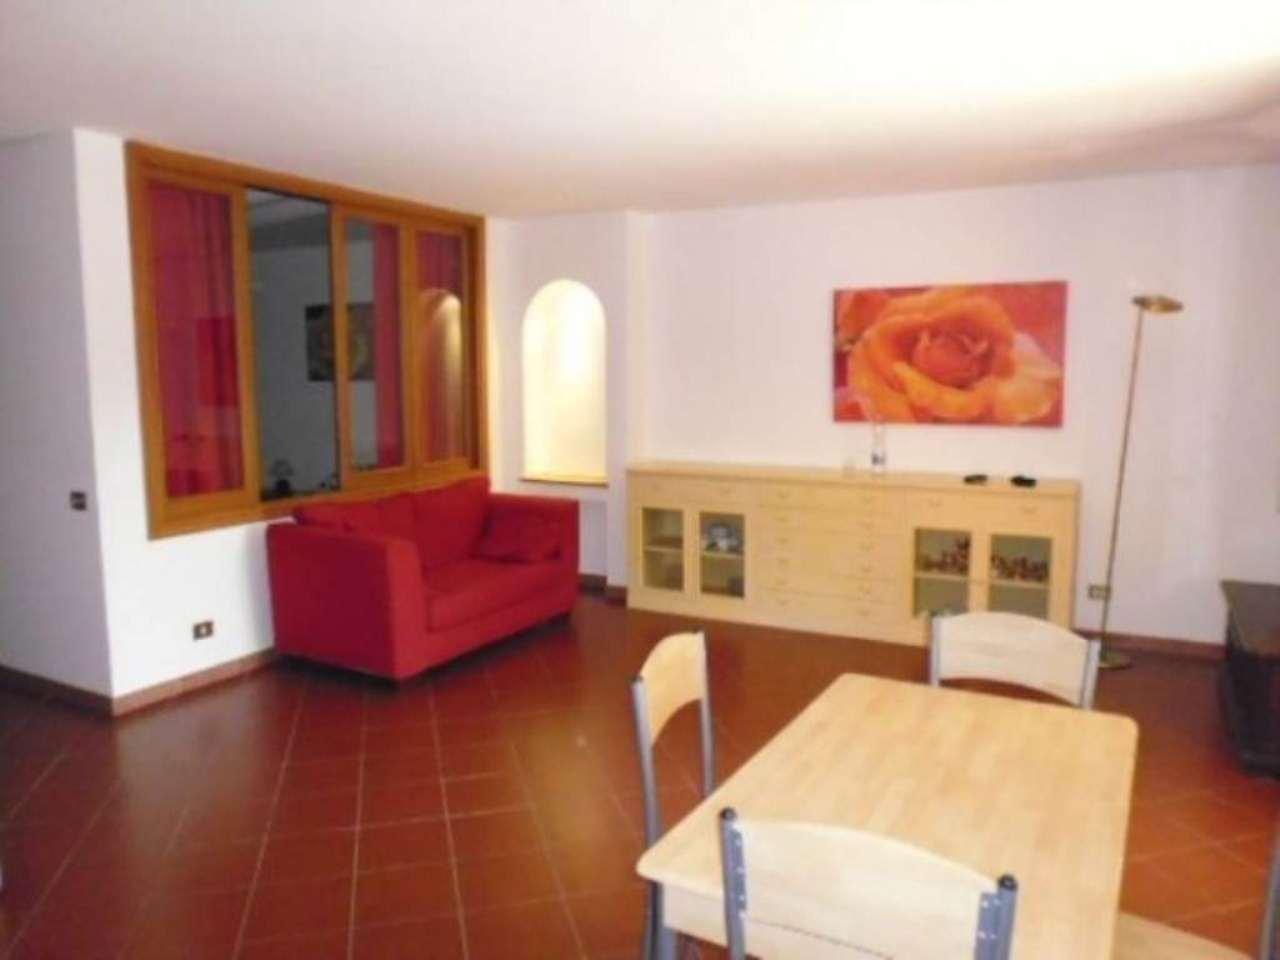 Appartamento in vendita a Campagnano di Roma, 3 locali, prezzo € 74.000 | CambioCasa.it